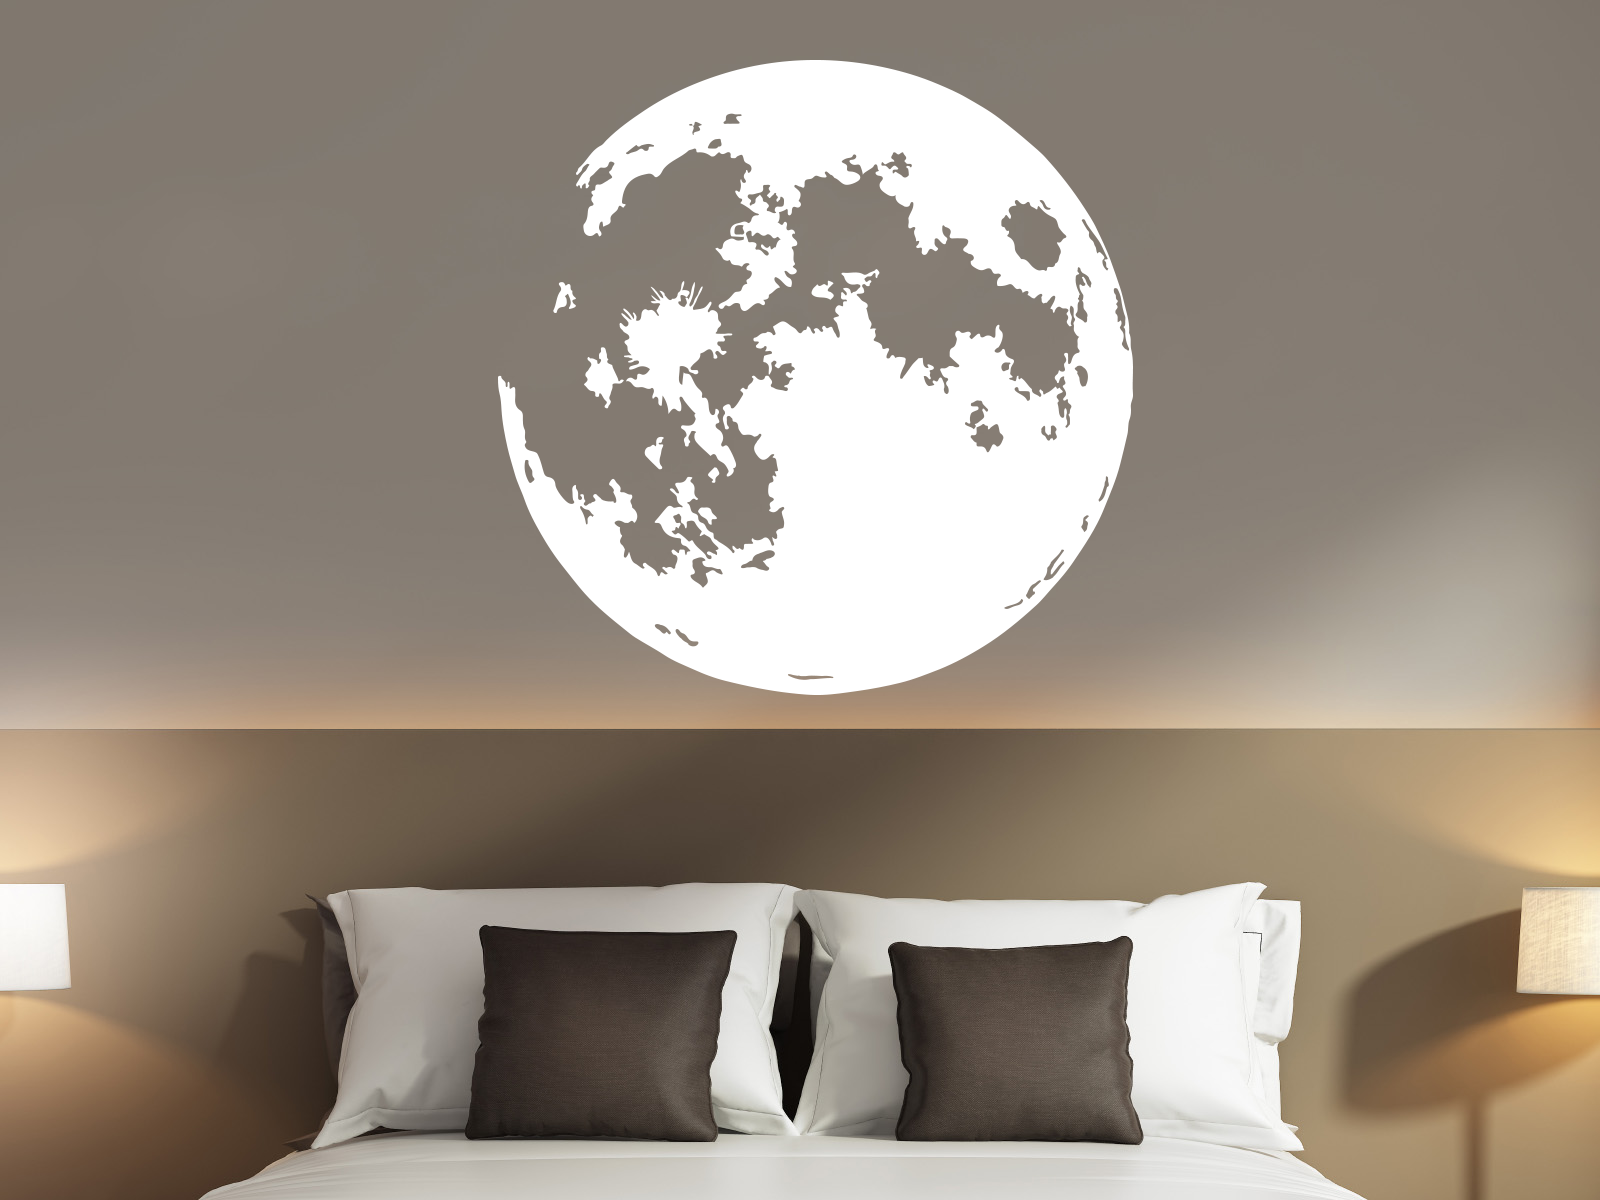 Wandtattoo Mond Tocut